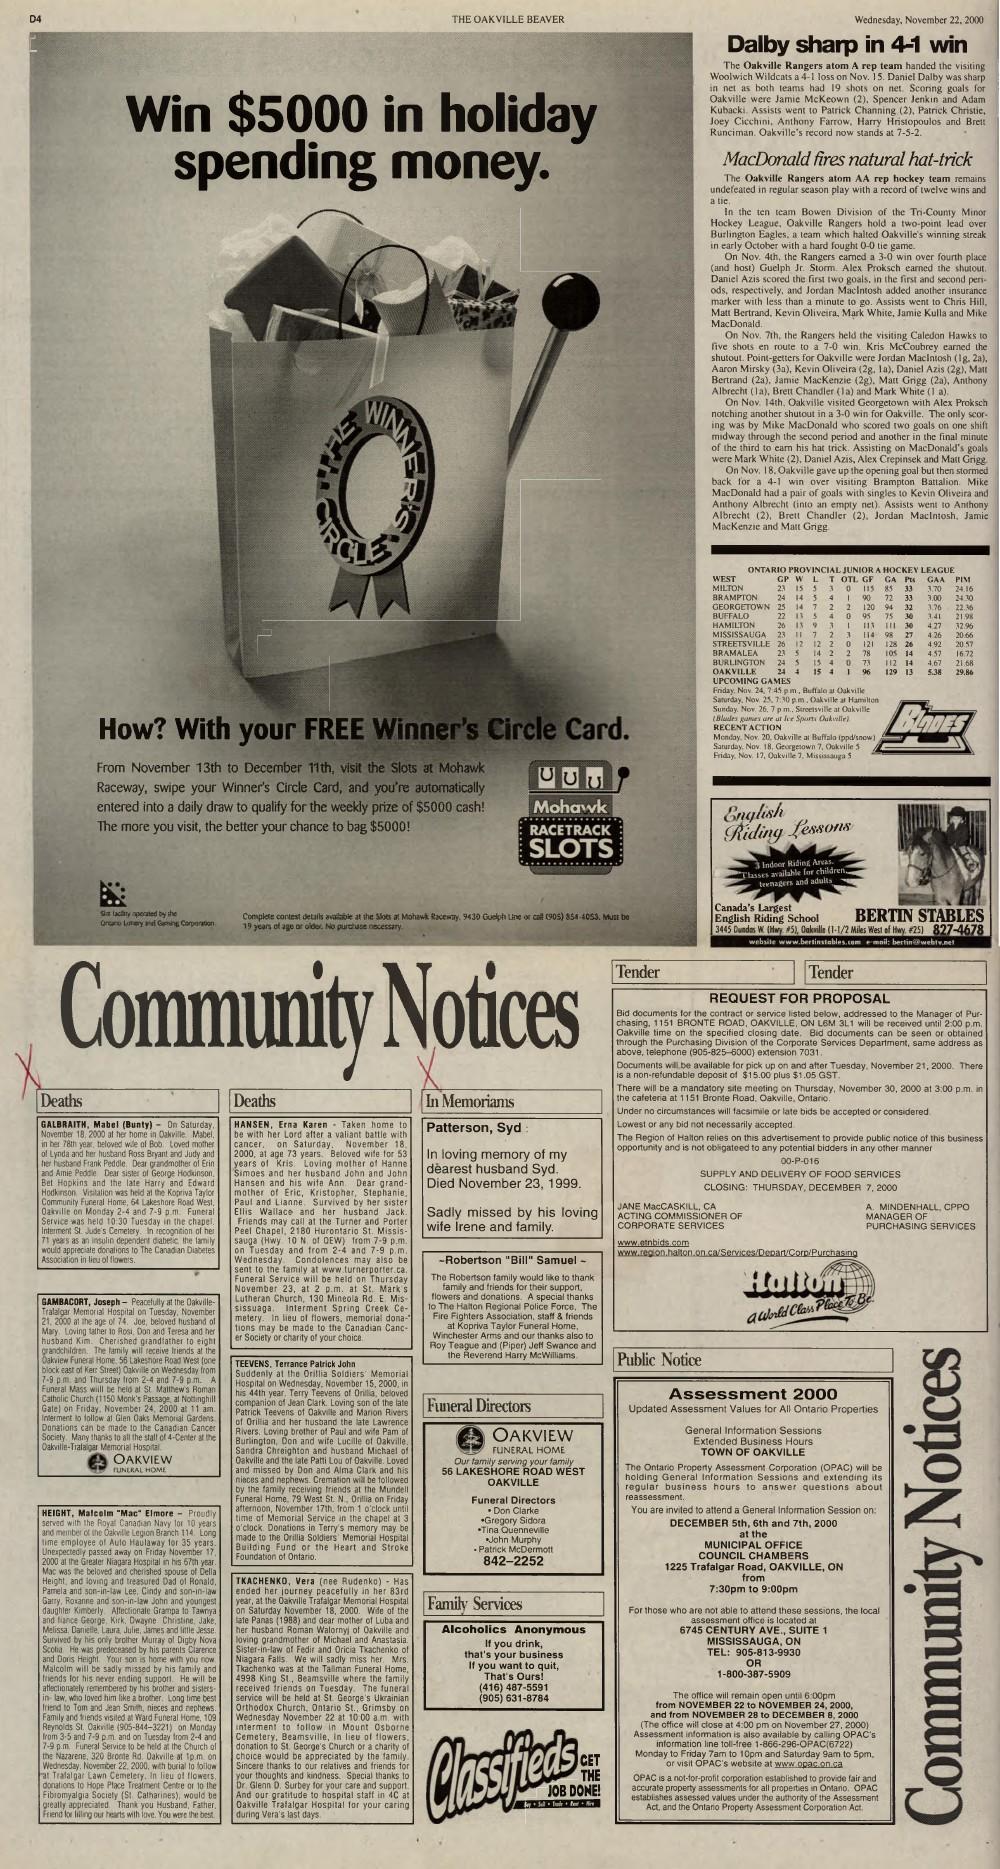 Oakville Beaver, 22 Nov 2000